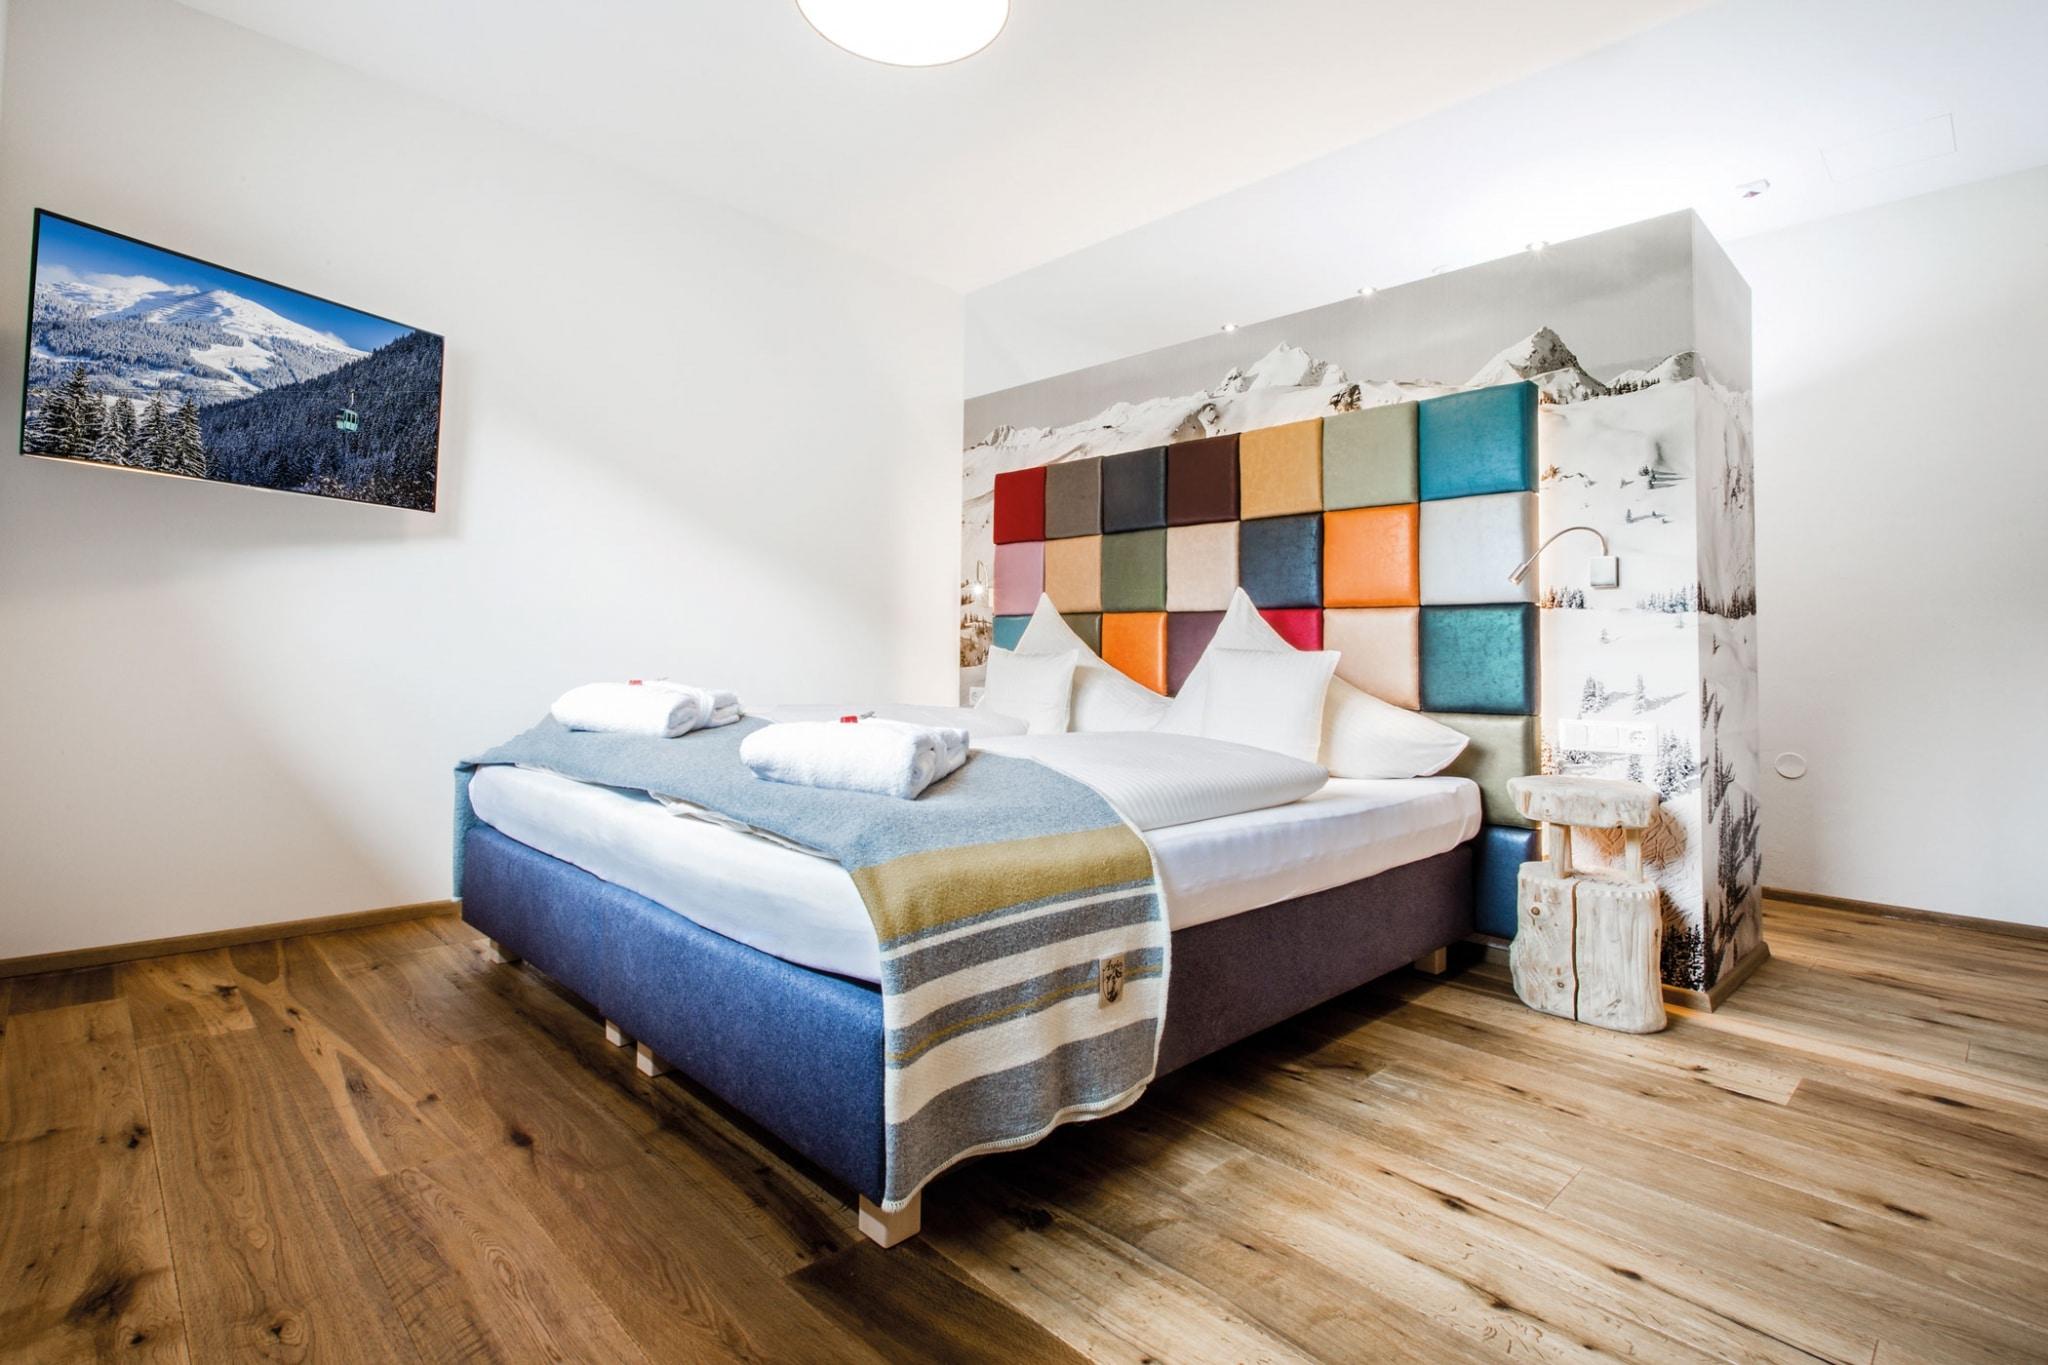 Wohnzimmer Hotel Schlafzimmer